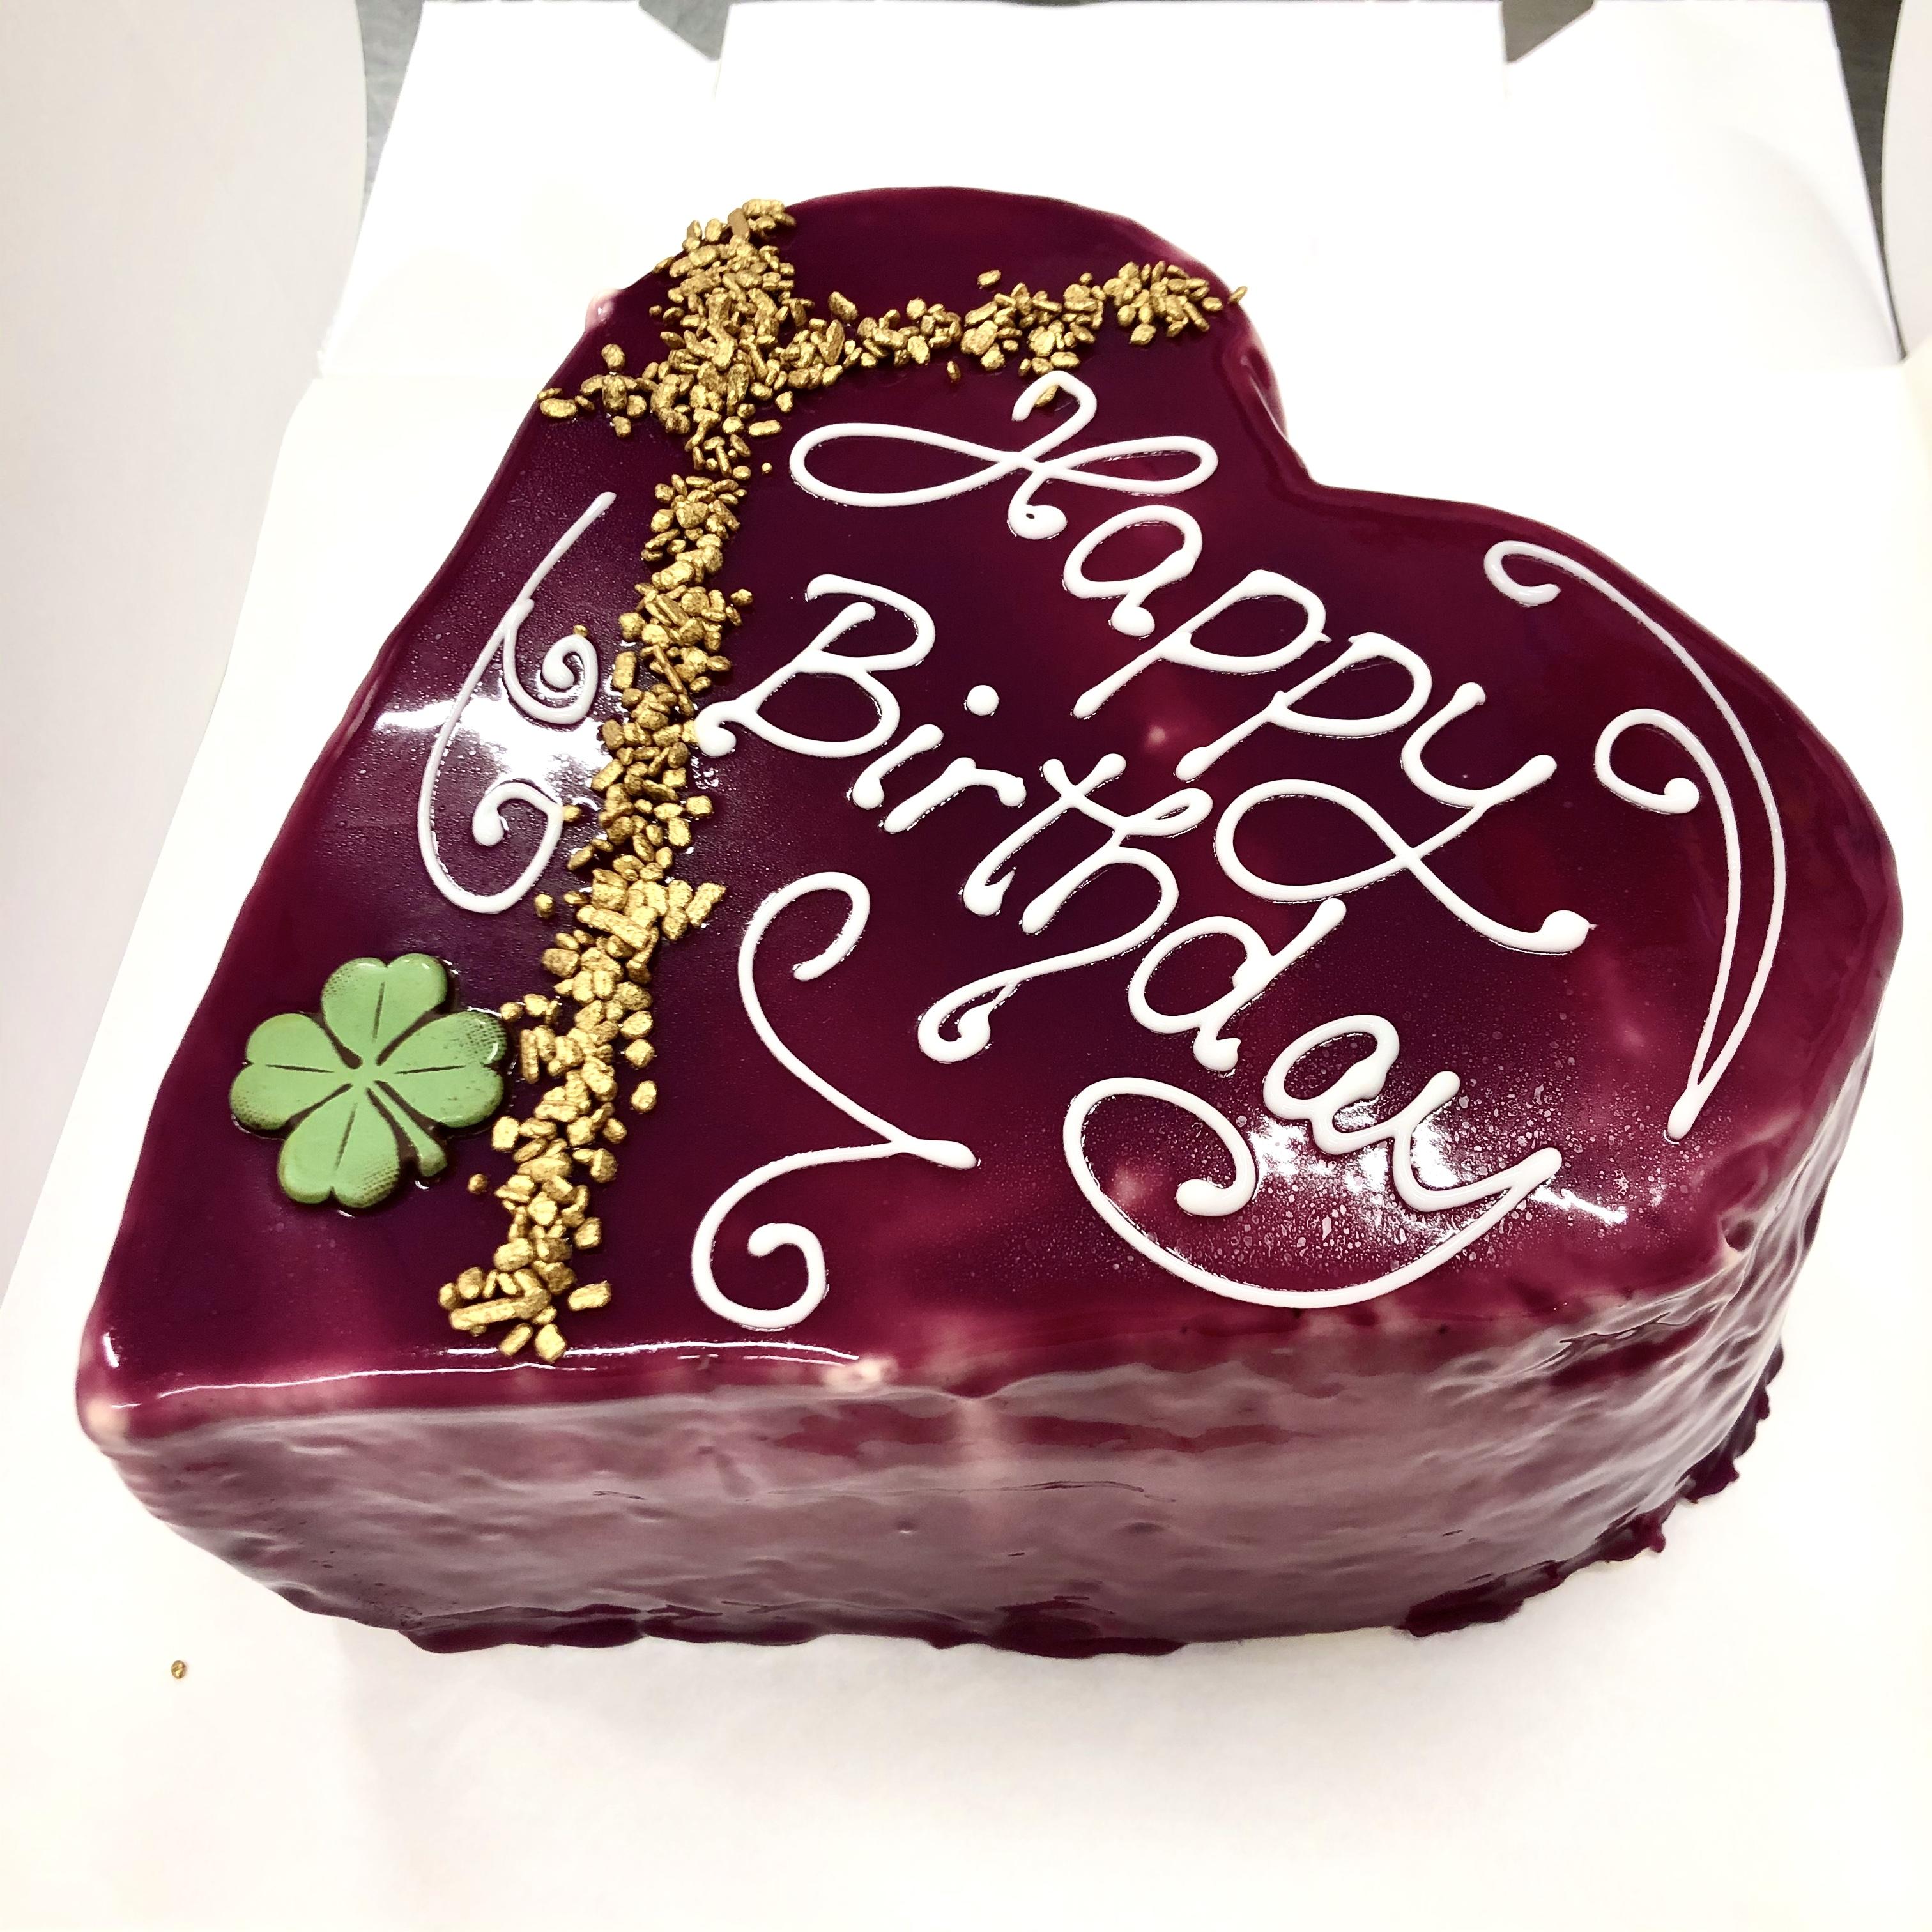 Die Liebe geht durch den Magen, heißt es nicht umsonst. Noch persönlicher als mit einer herzförmiger Torte kann man Liebe nicht verpacken.